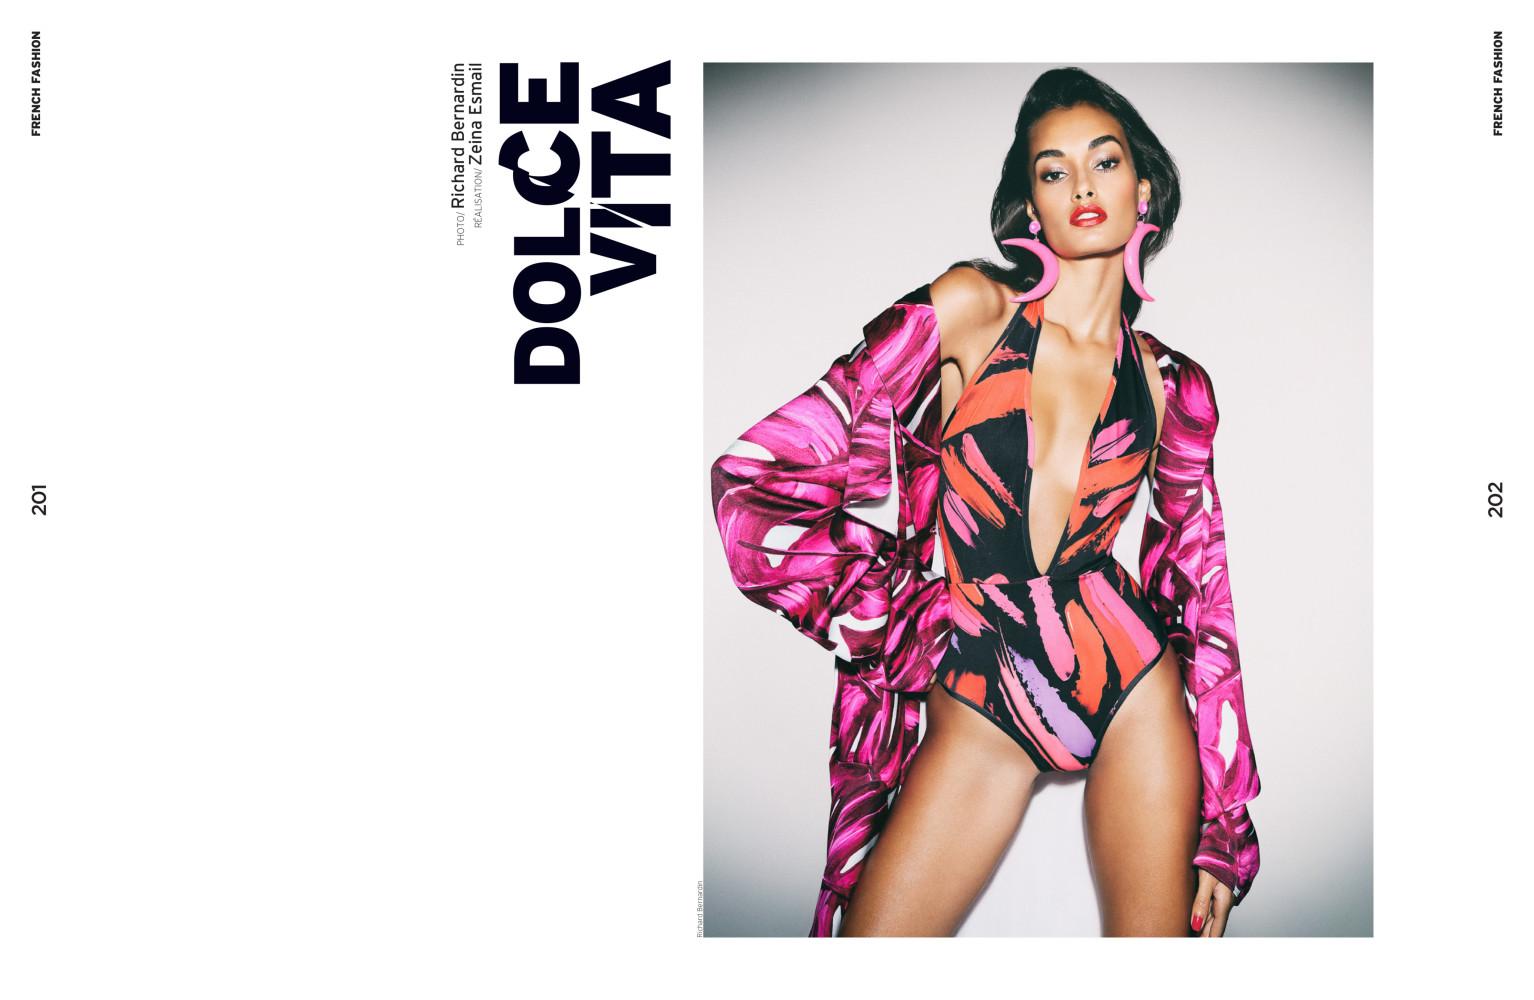 French Magazine Dolce Vita